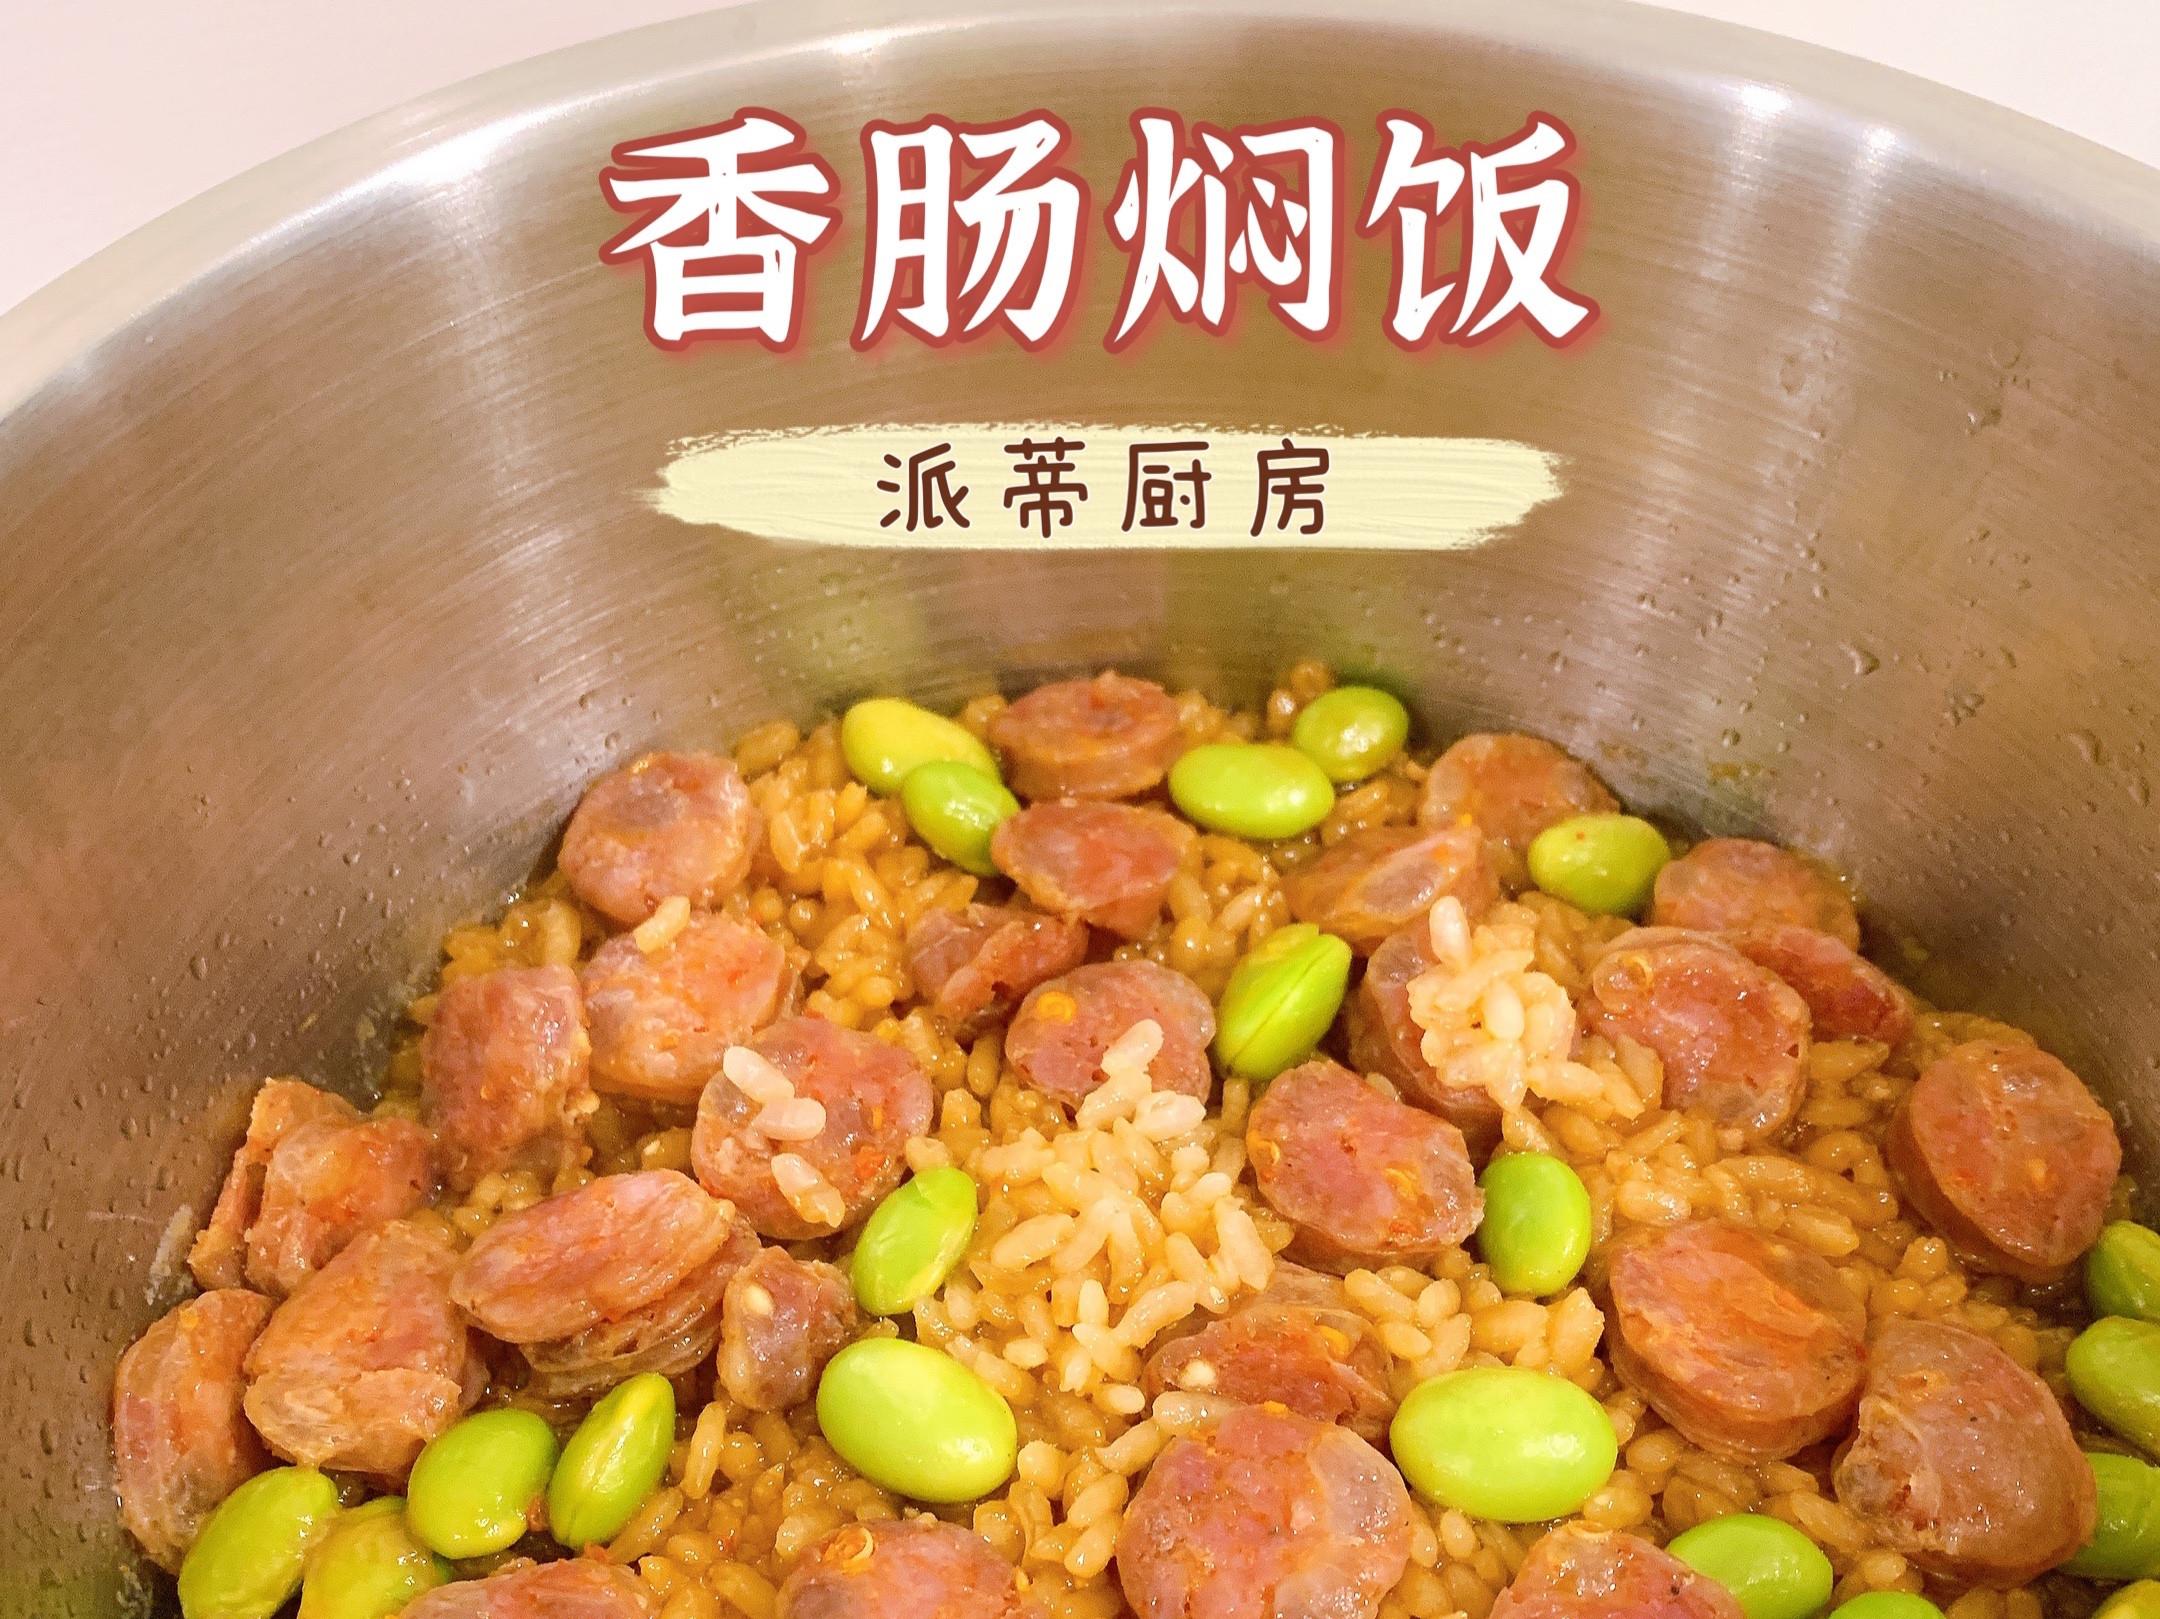 「懶人食譜」香腸燜飯 有肉有菜又有飯